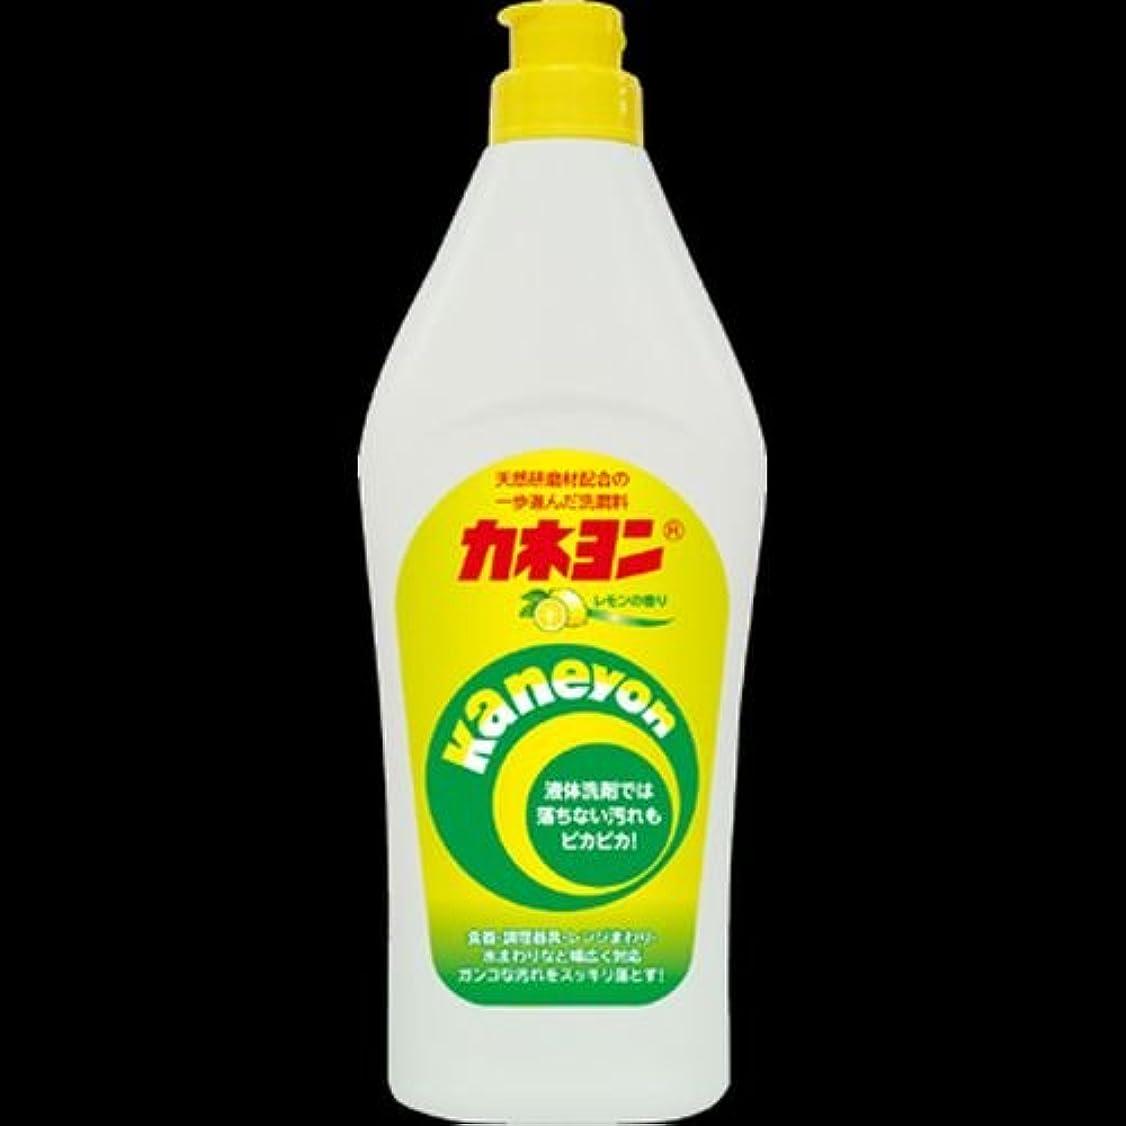 肥沃なシリアルハンディキャップ【まとめ買い】カネヨ石鹸 カネヨンレモン 550g ×2セット